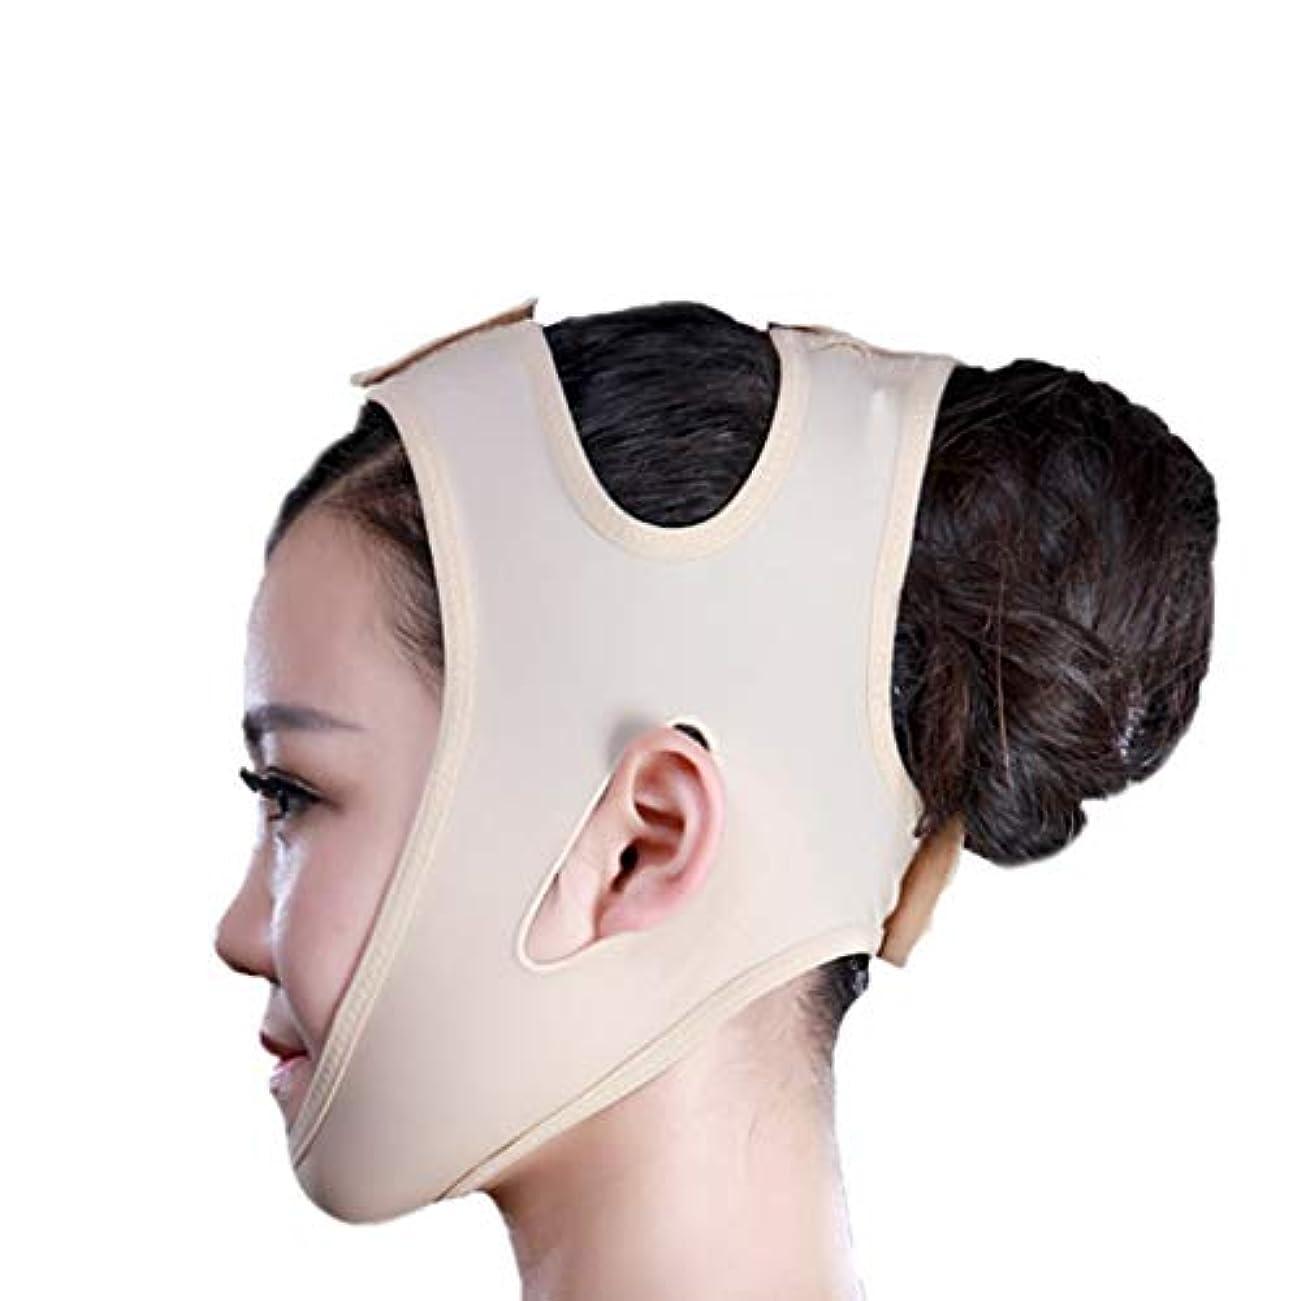 メタンパイロット祝う顔の痩身マスク、快適で通気性のある、顔面の持ち上がることおよび輪郭を描くことで、堅さの向上、引き締まることおよび顔を持ち上げること (Color : Yellowish pink, Size : M)